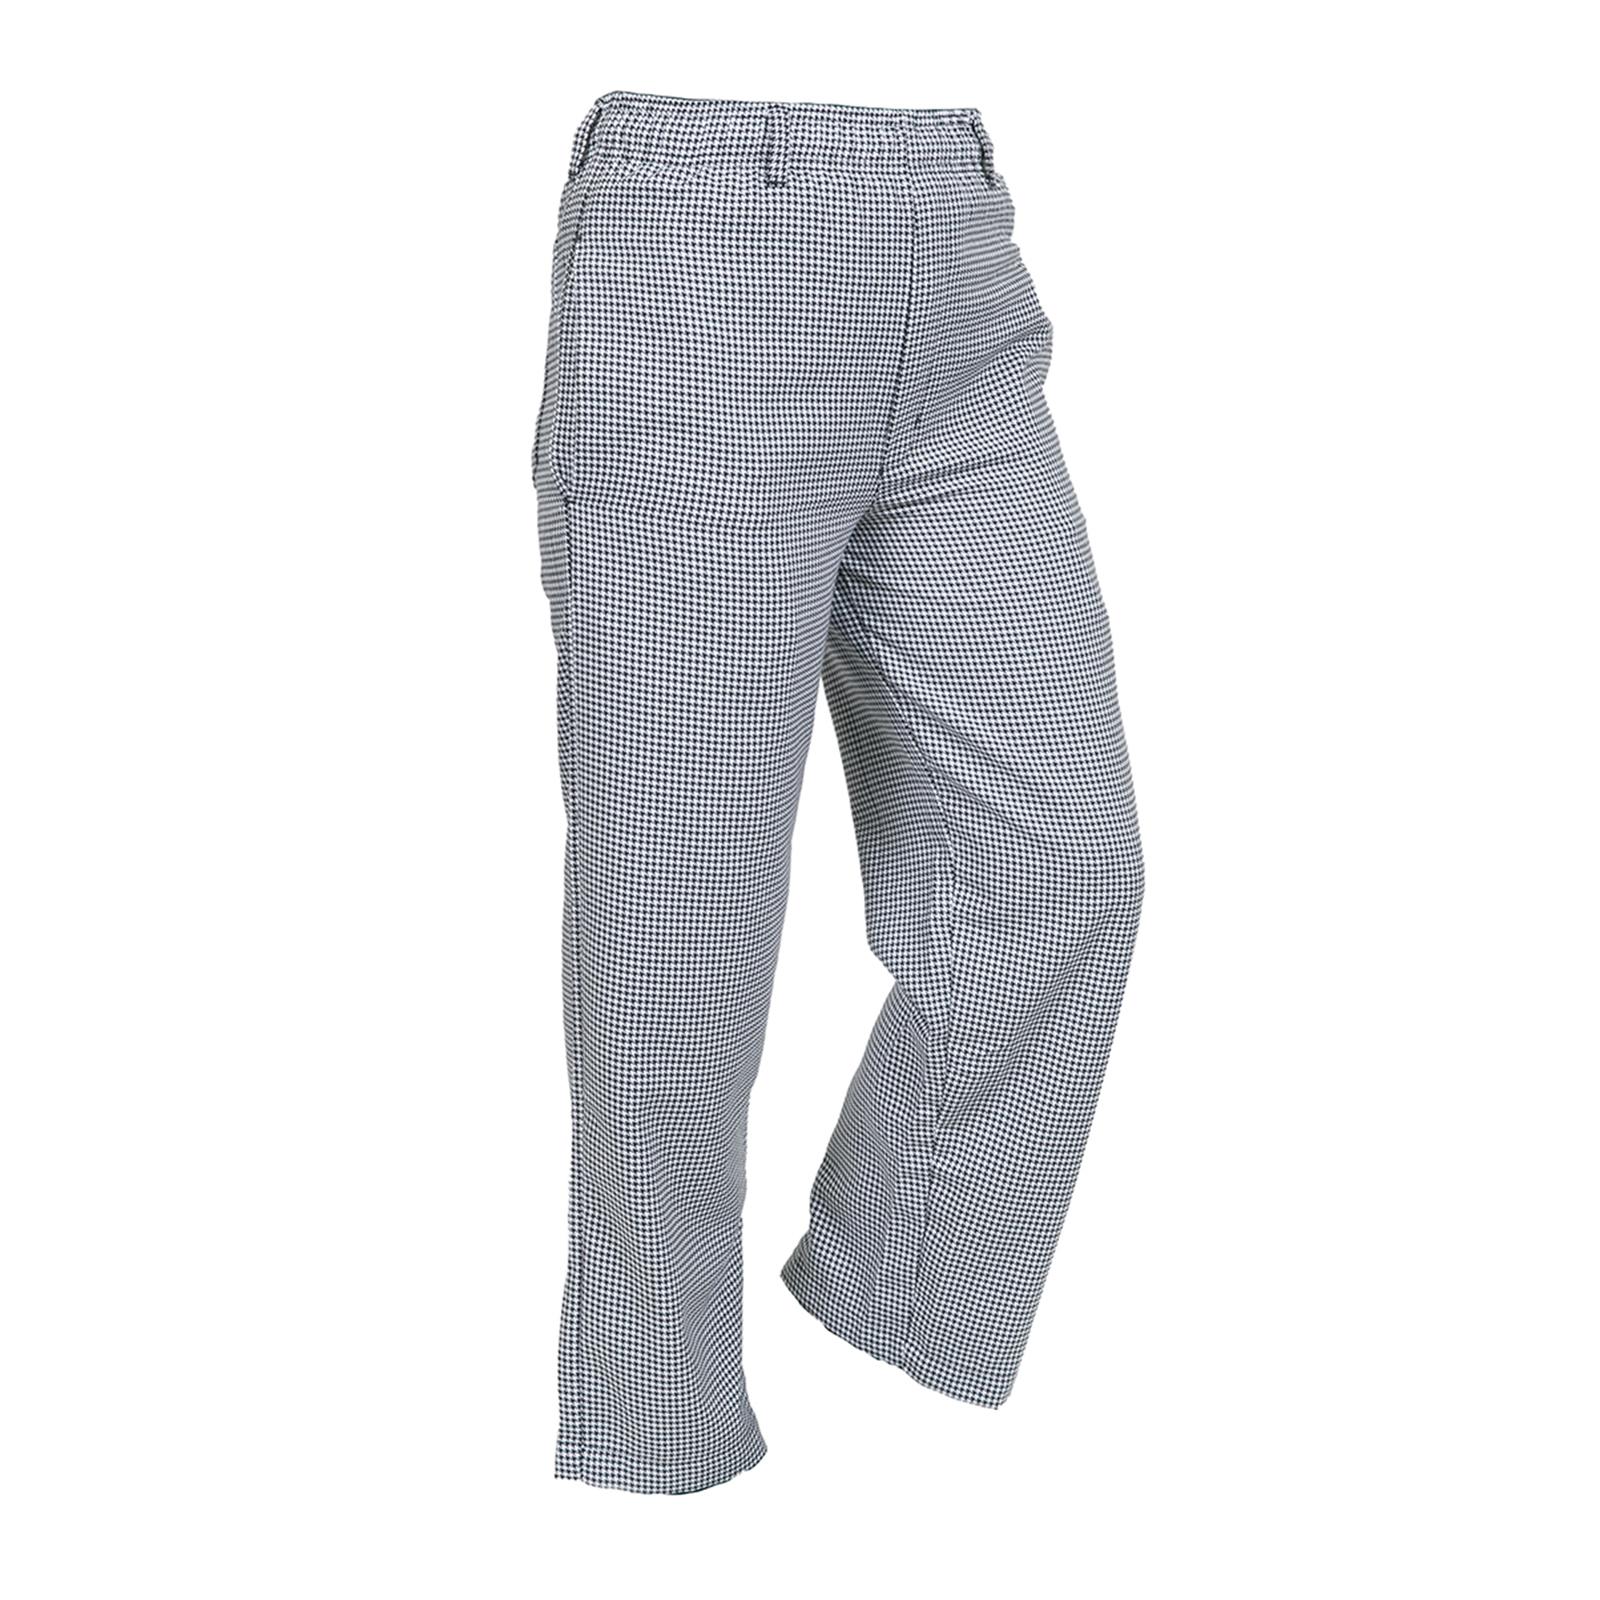 Mercer Culinary M61050HTS chef's pants